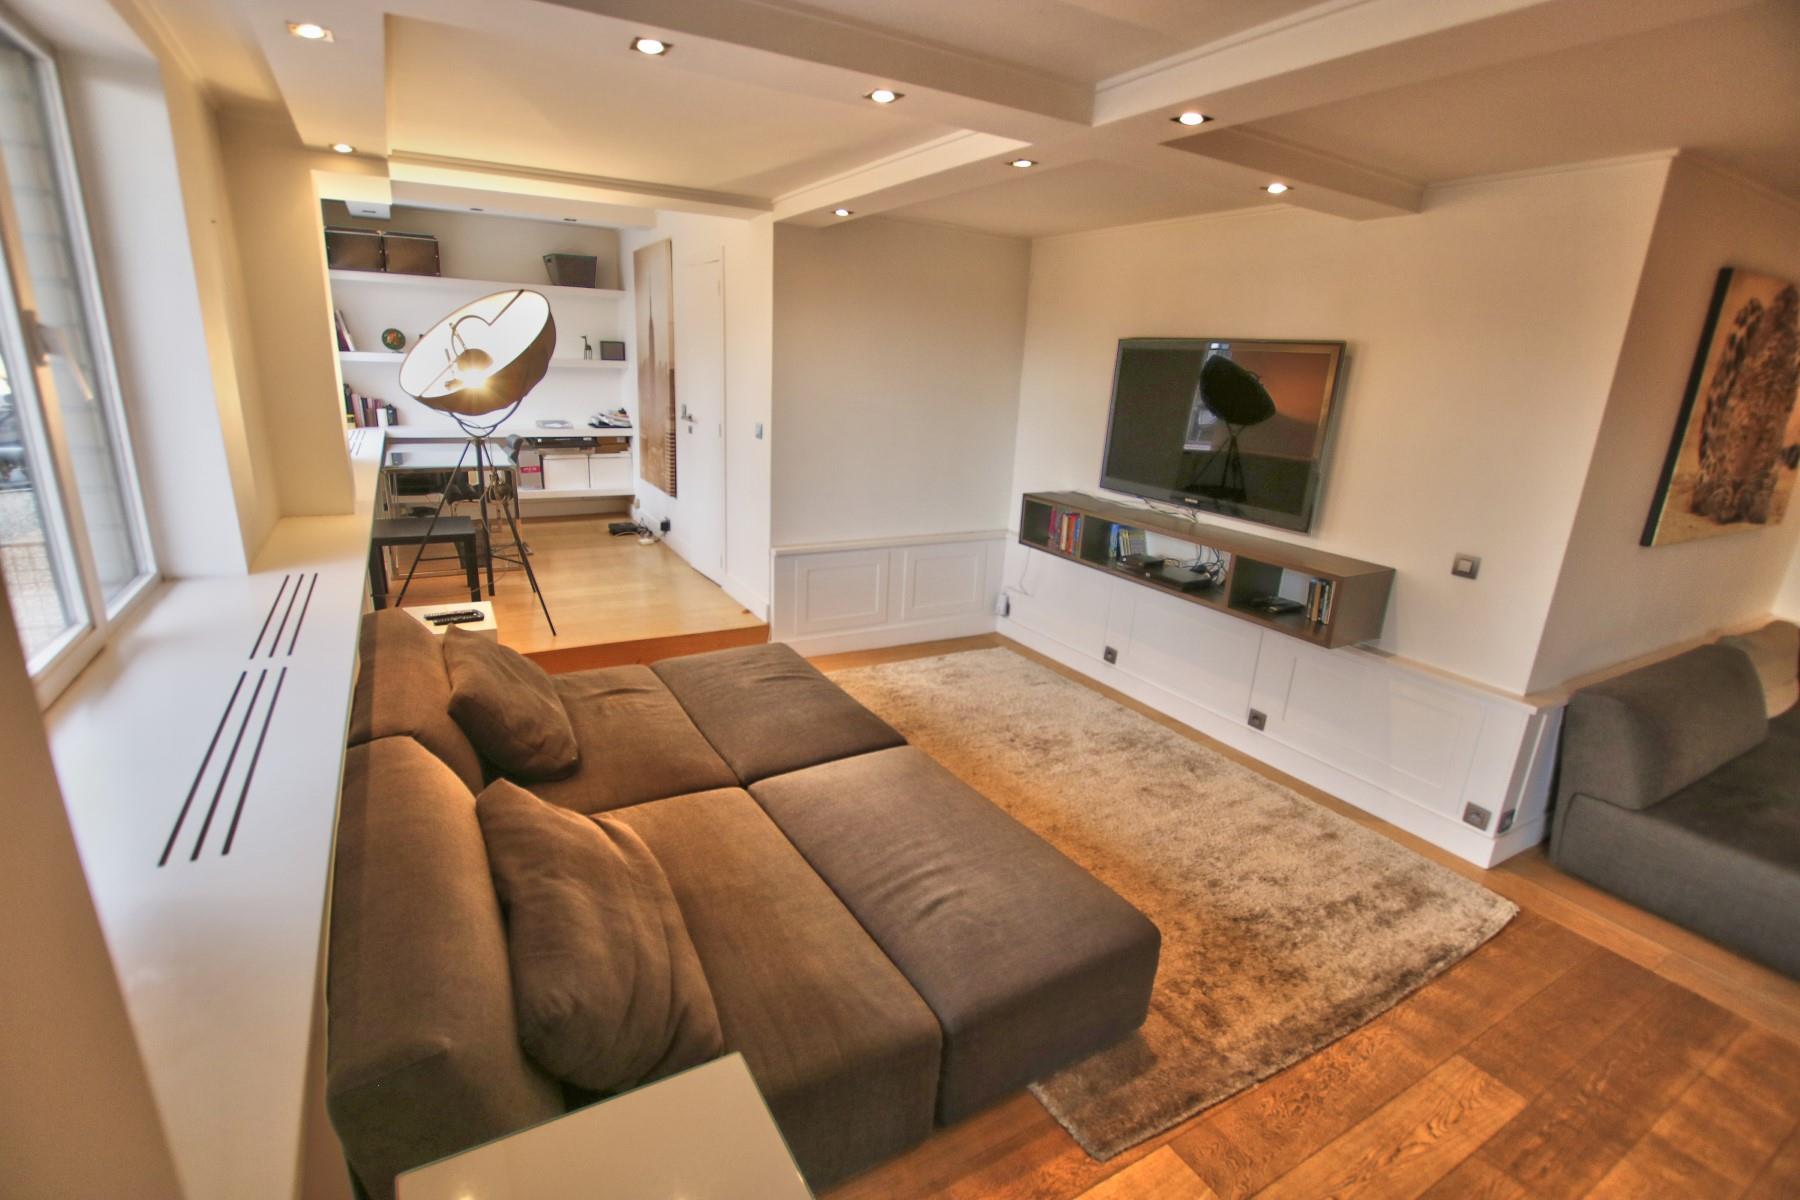 Appartement exceptionnel - Ixelles - #4030098-6